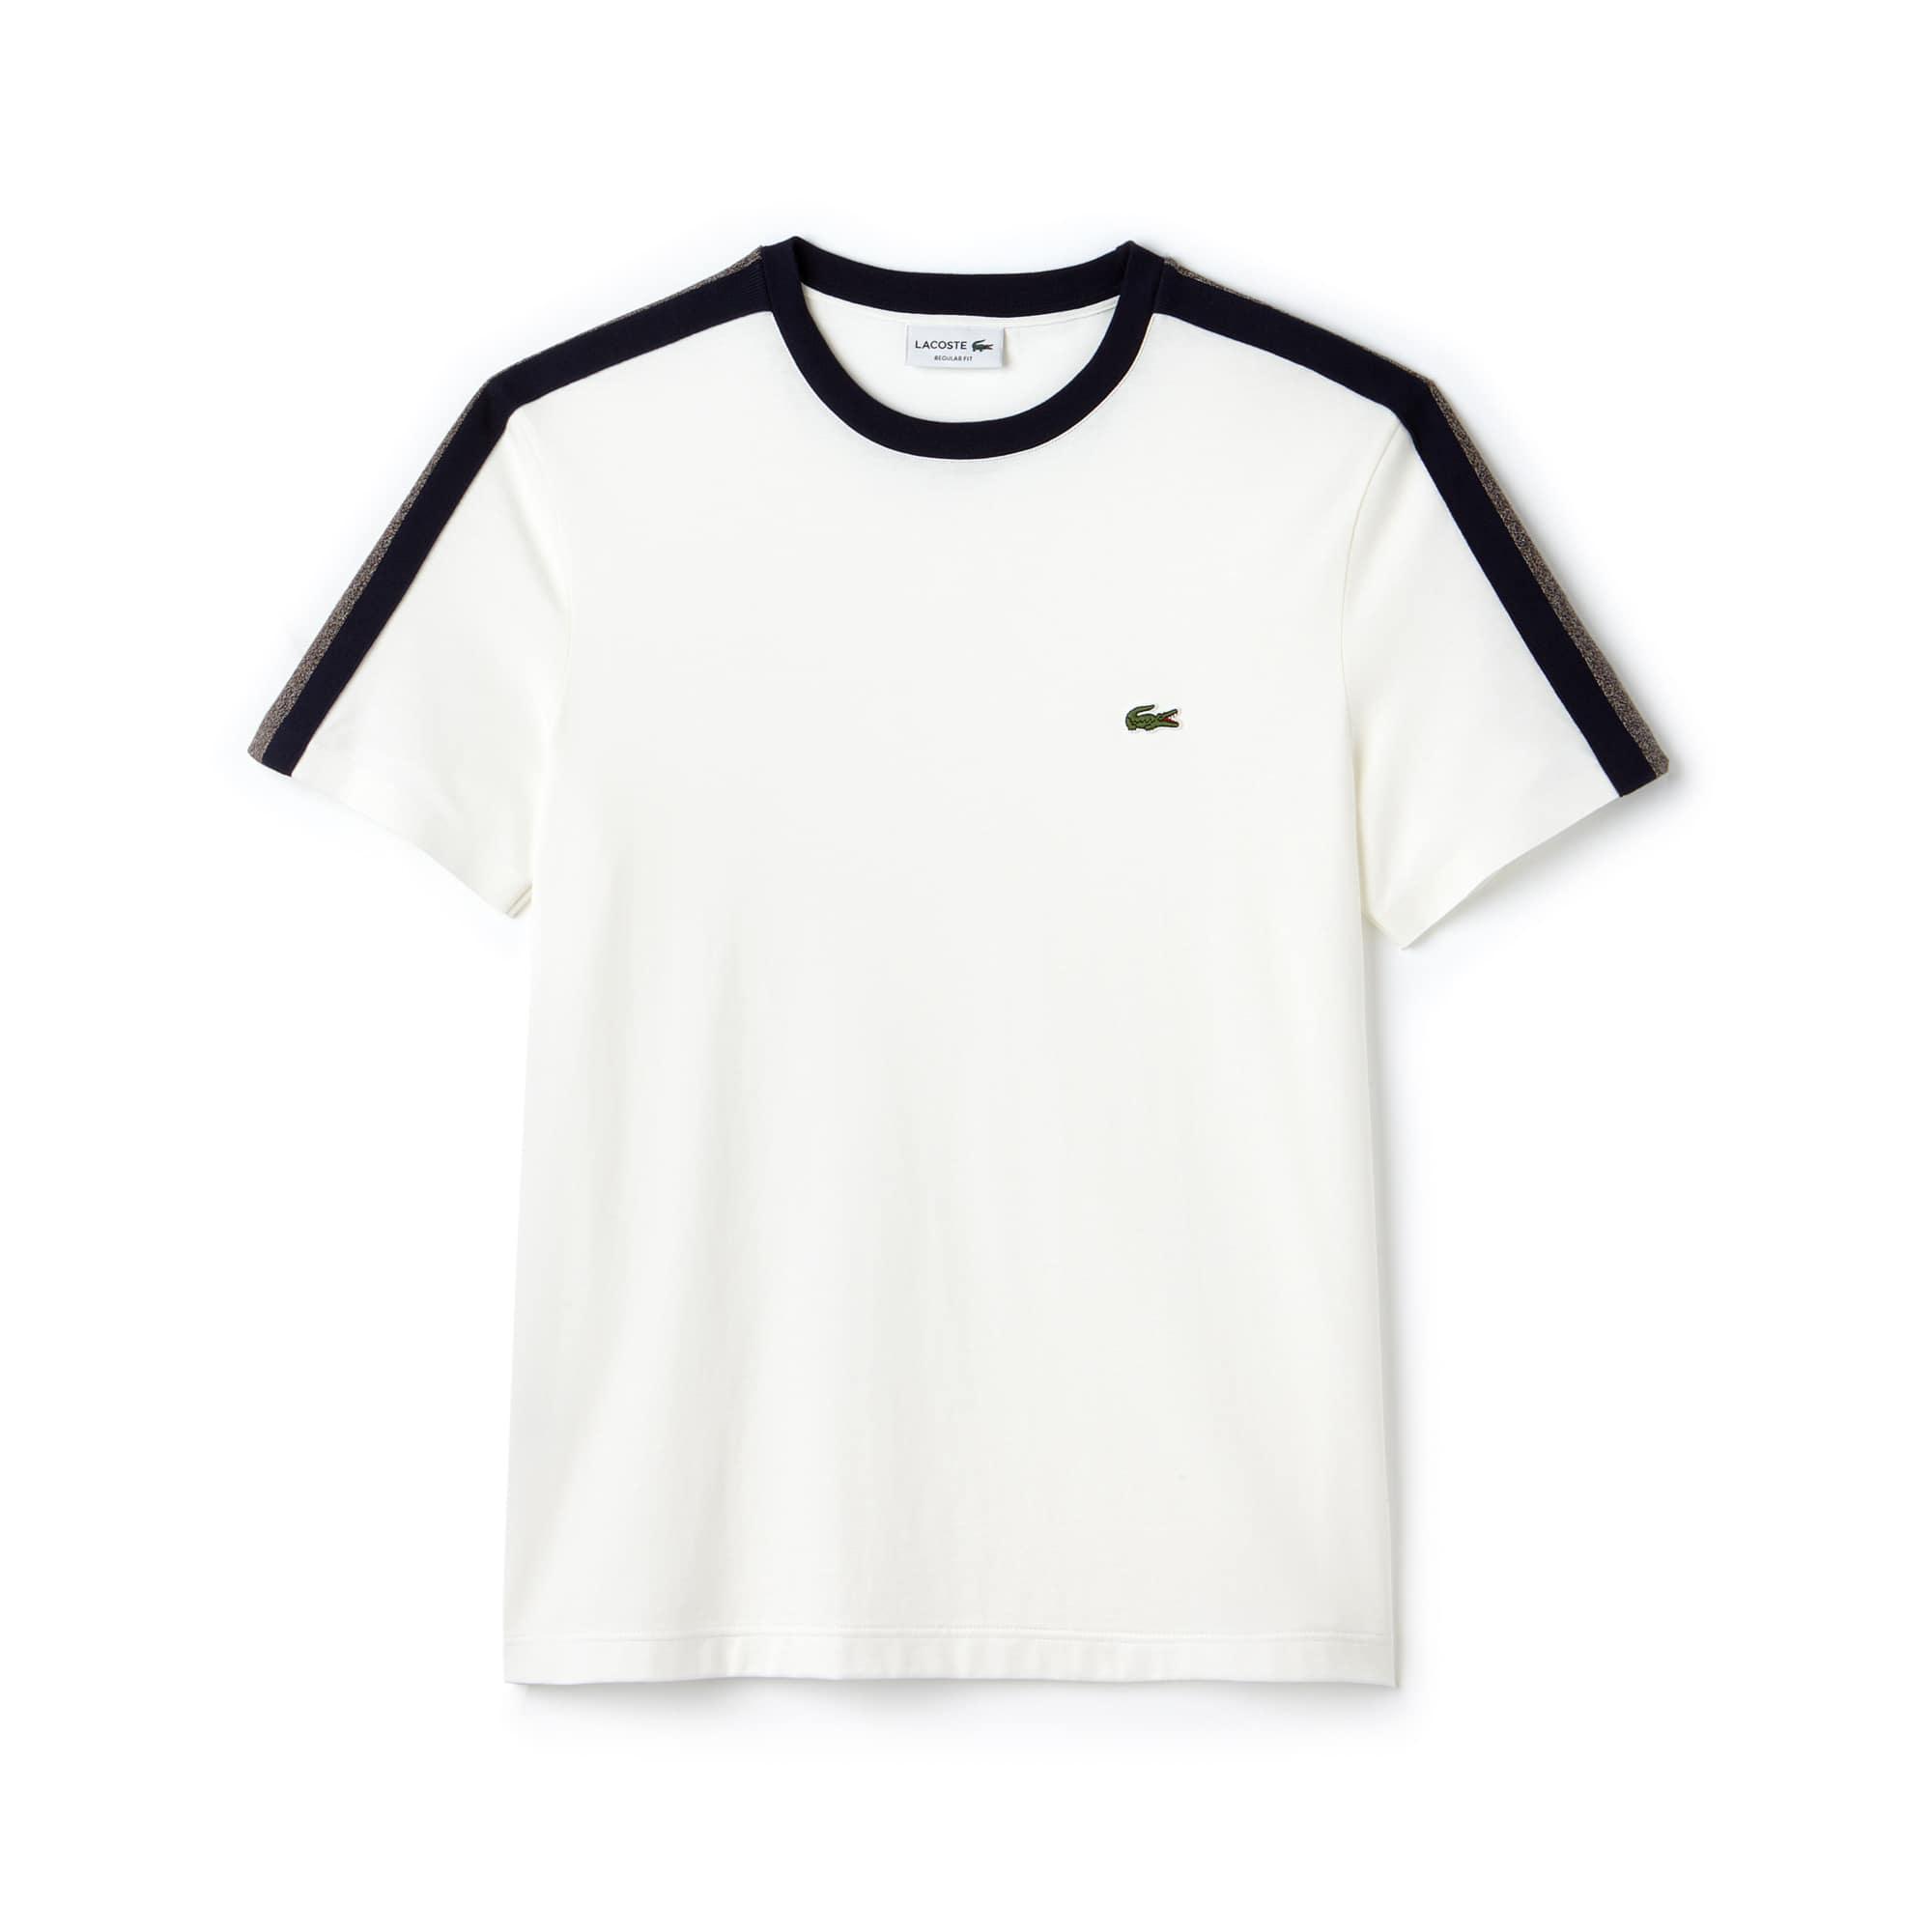 T-shirt heren ronde hals jersey met contrasterende stroken